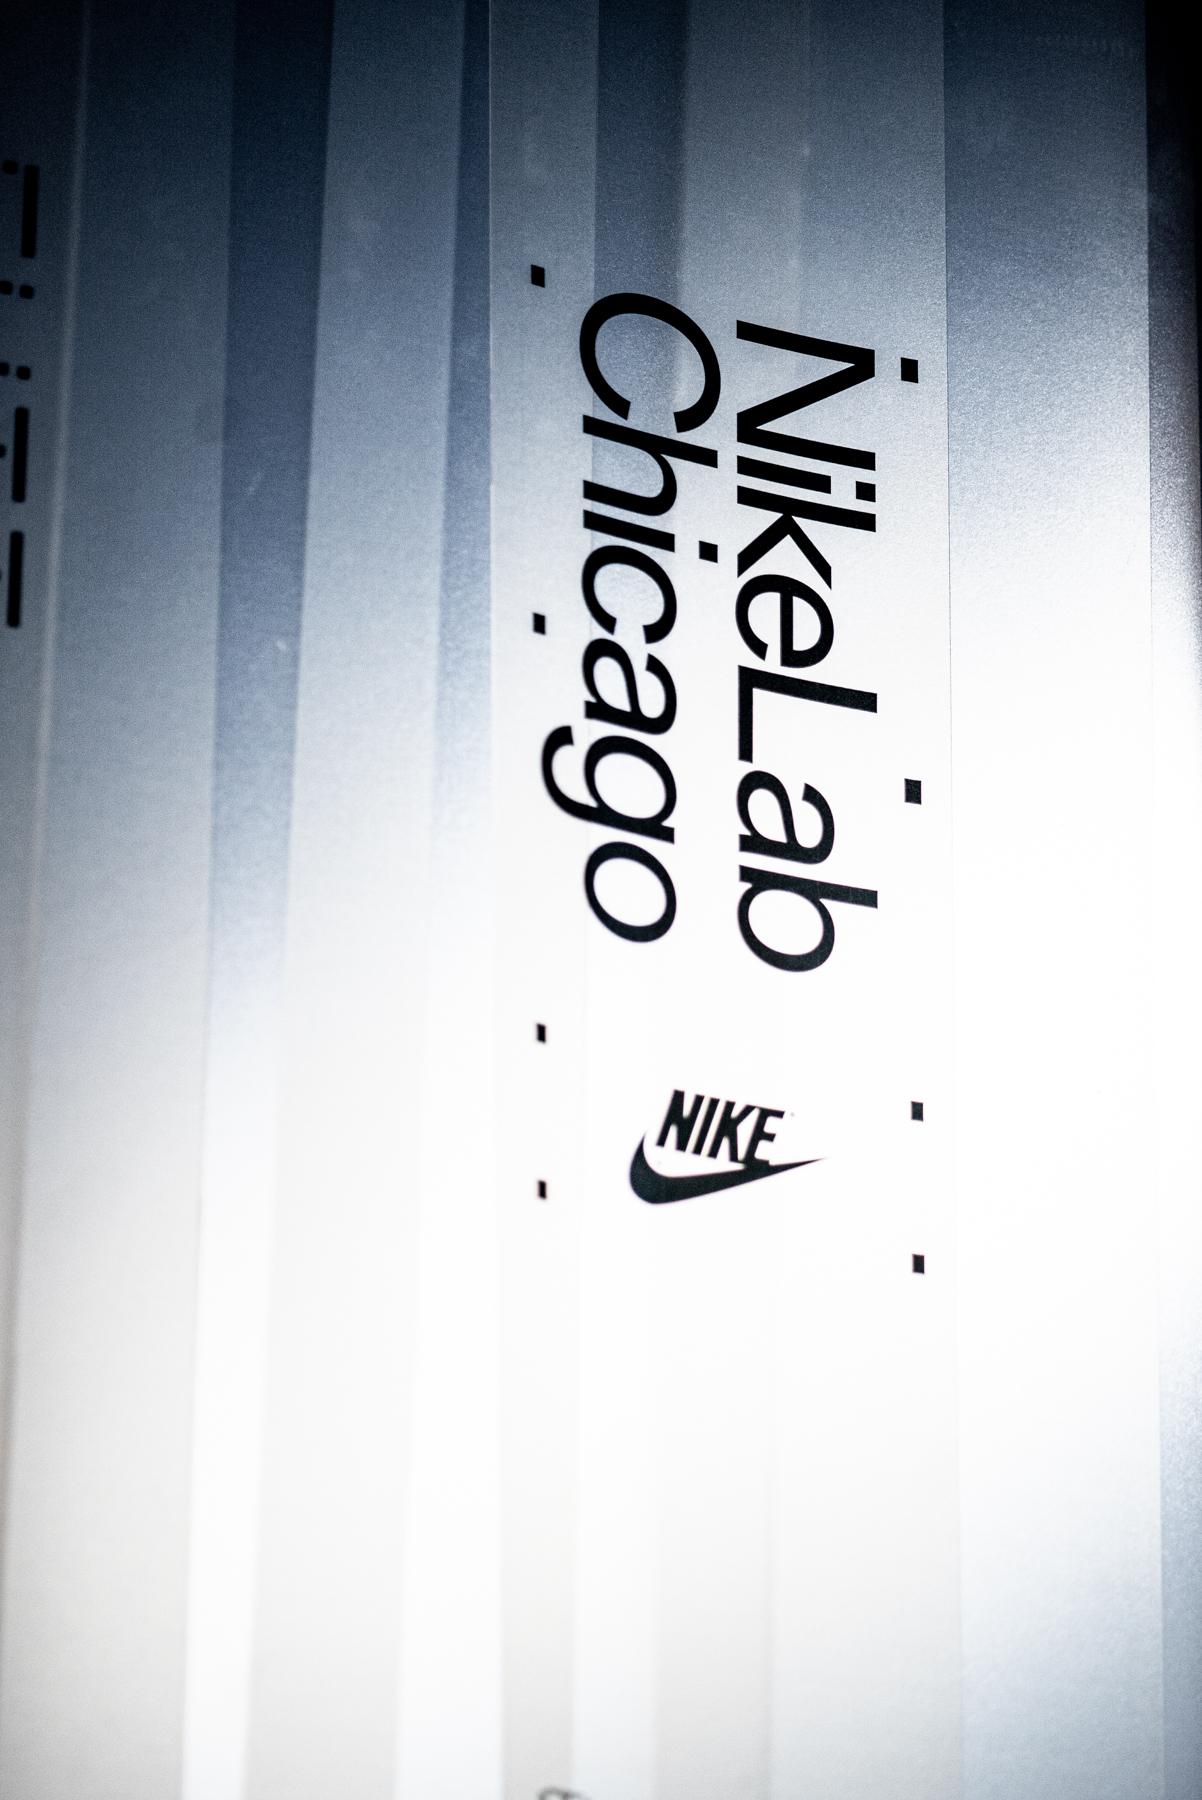 JFENSKE_10113_Satis_Nike_Relab__JTF2774_low_01.jpg